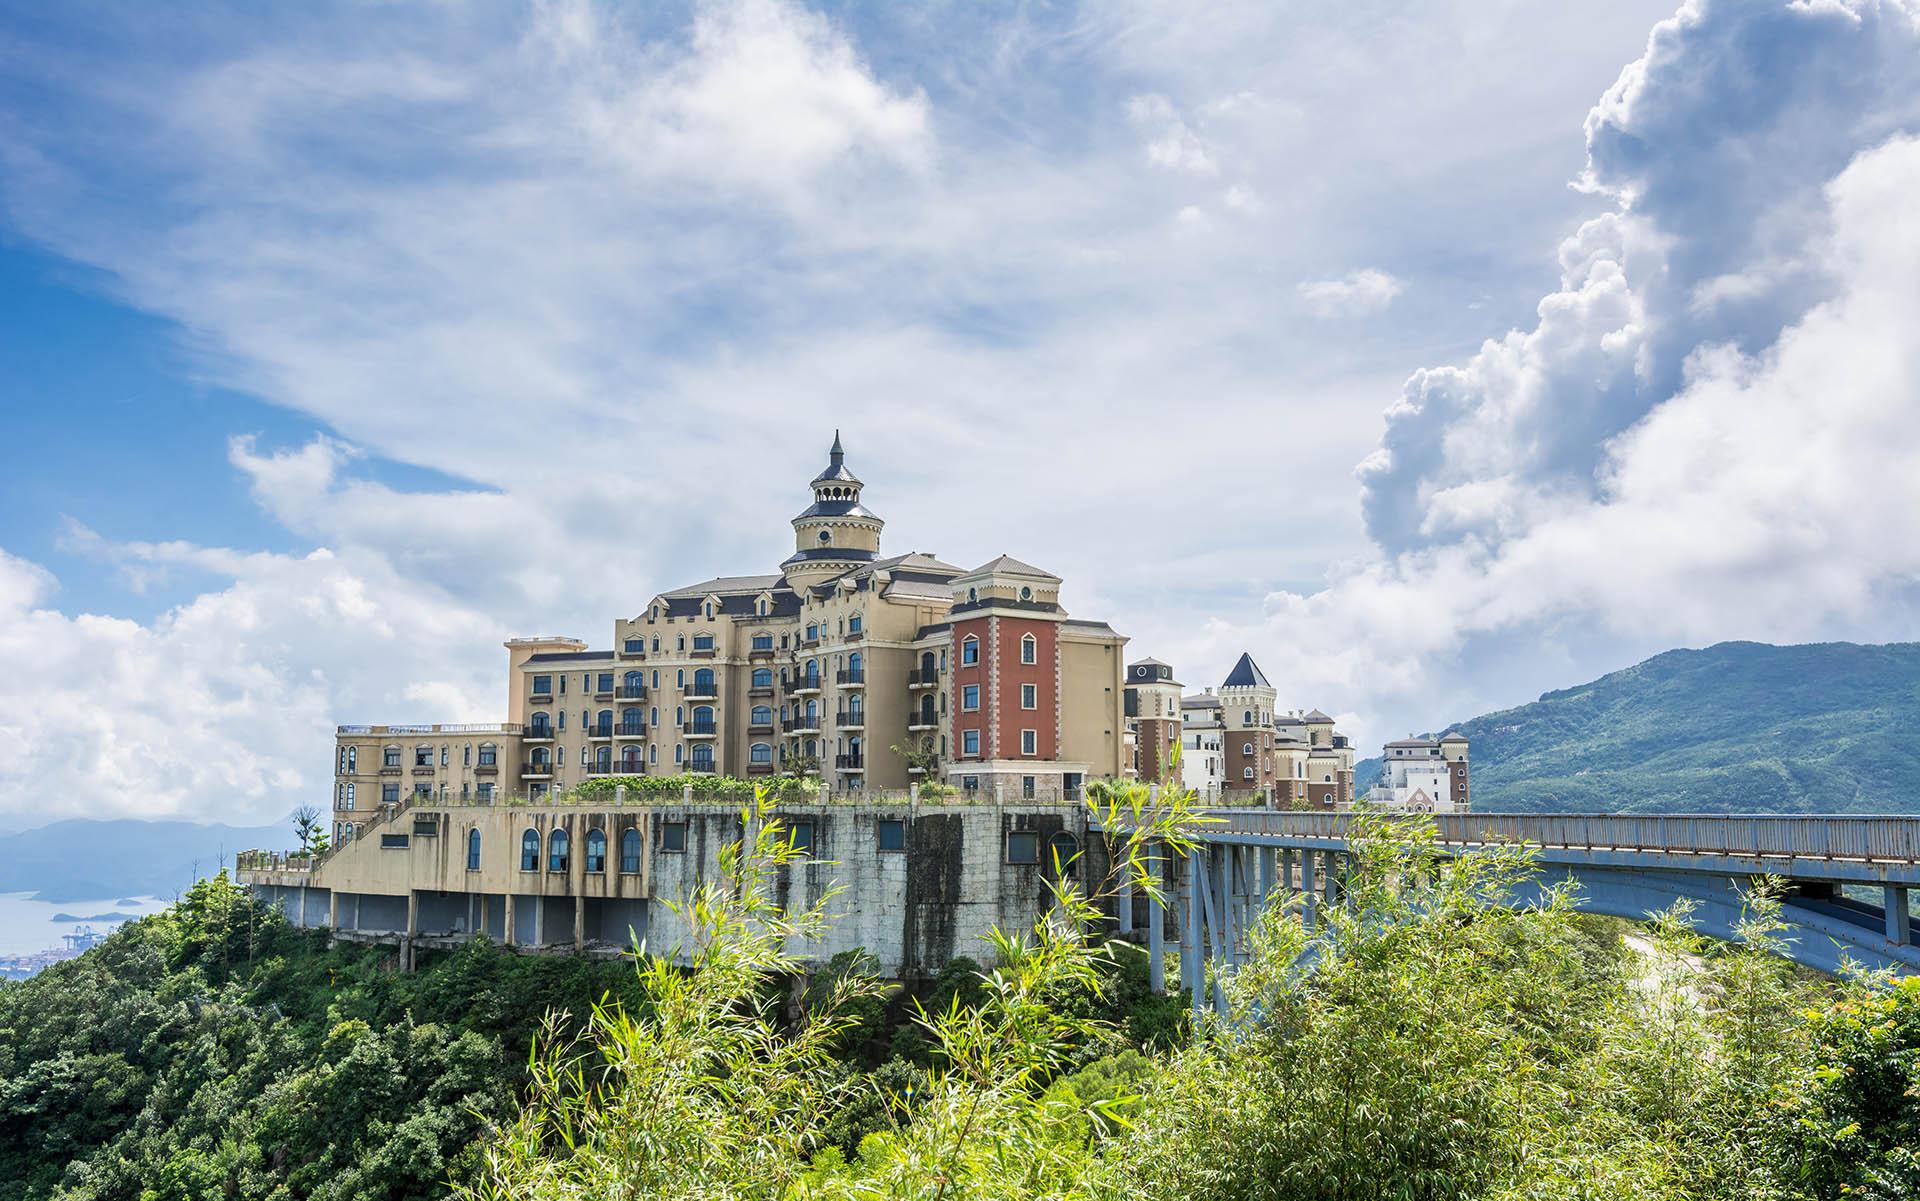 Este parque temático en la ciudad de Shenzhen se extiende unos 9 kilómetros cuadrados desde la costa hasta una montaña. Comprende Ecoventure Valley y Tea Stream Valley como las principales áreas del parque. Ecoventure Valley ofrece a los turistas una experiencia de paisaje natural y cuenta con parques acuáticos con instalaciones innovadoras de educación científica